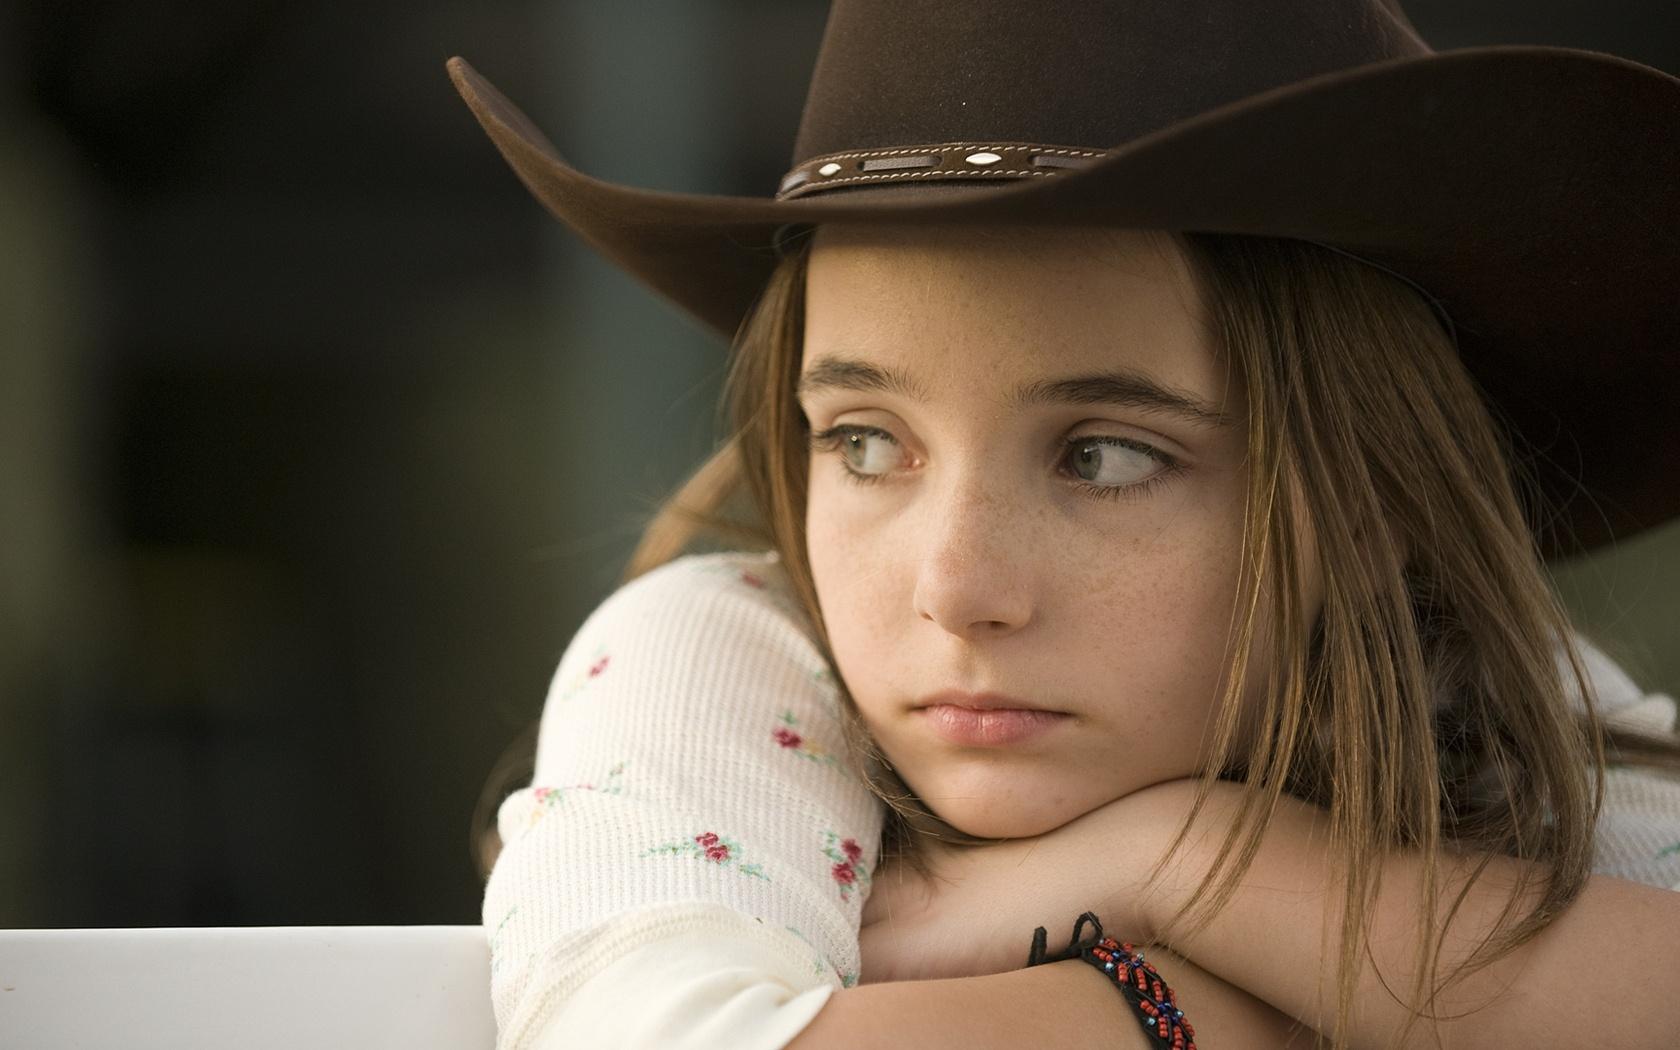 بالصور صور حزينه بنات , شاهد بالصور صدمات البنات العاطفية 418 12